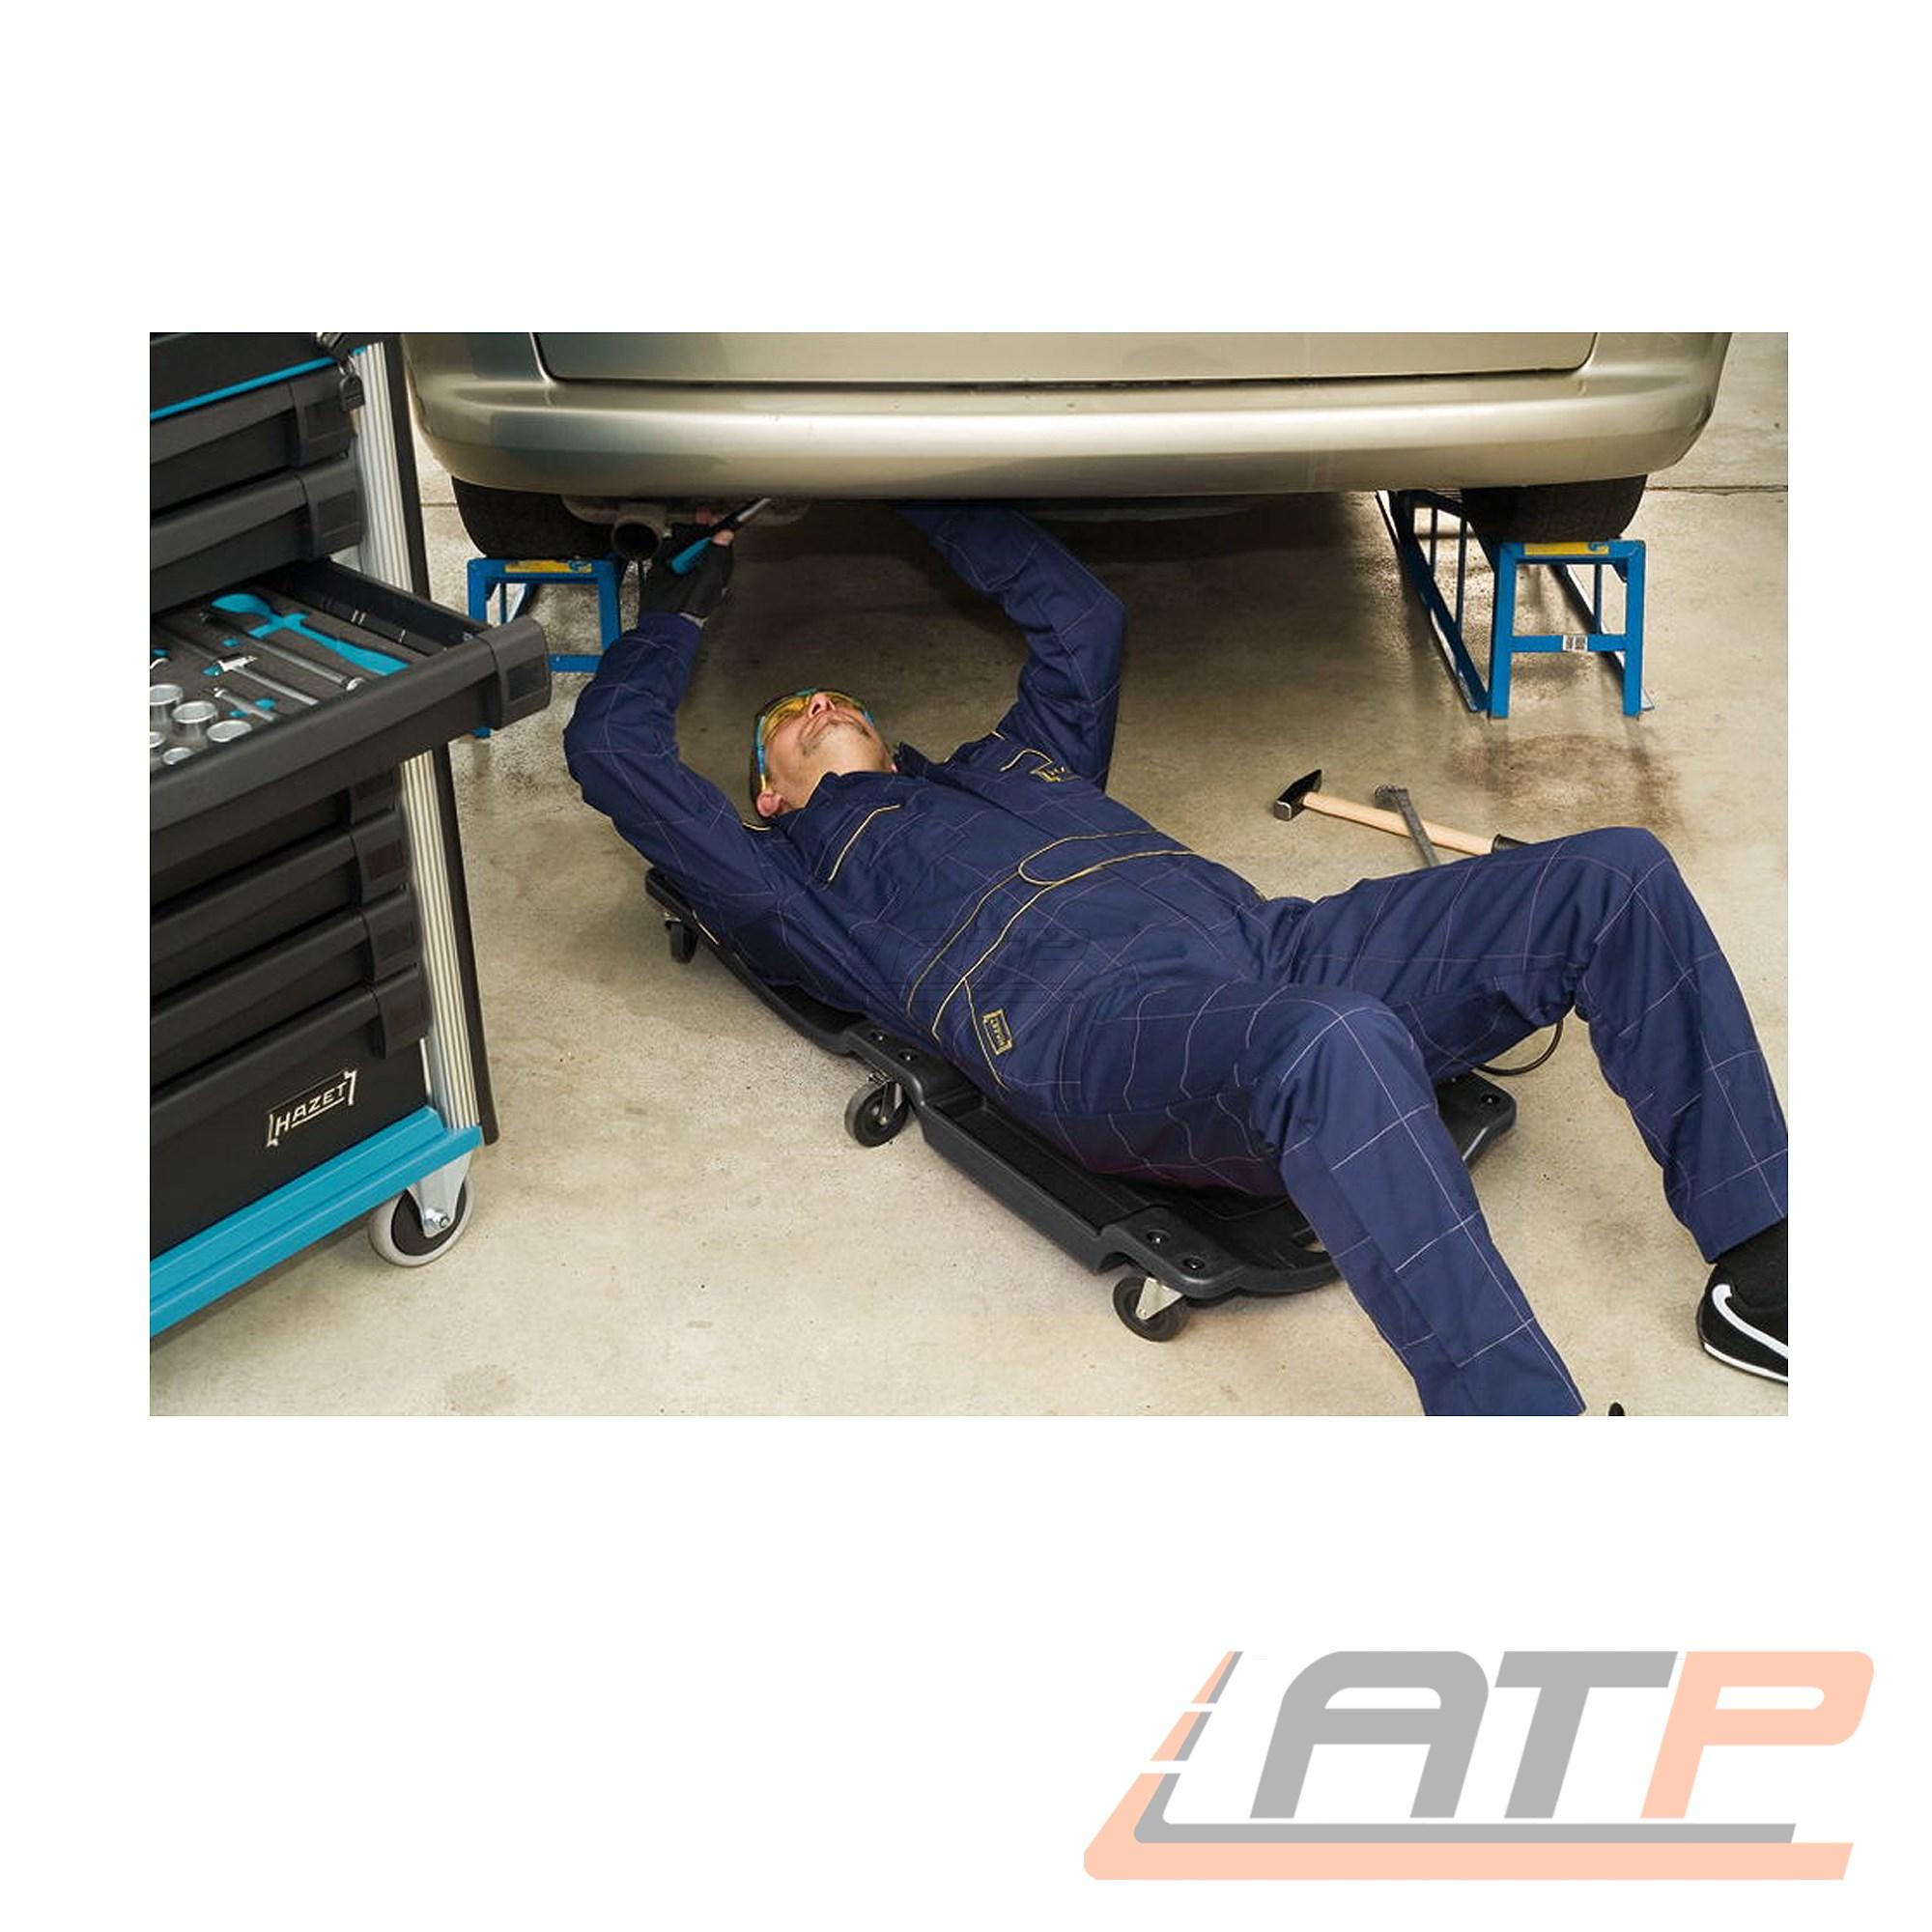 Hazet  Rollbrett Werkstattrollbrett Arbeitsliege Rollliege bis 130kg 195-2